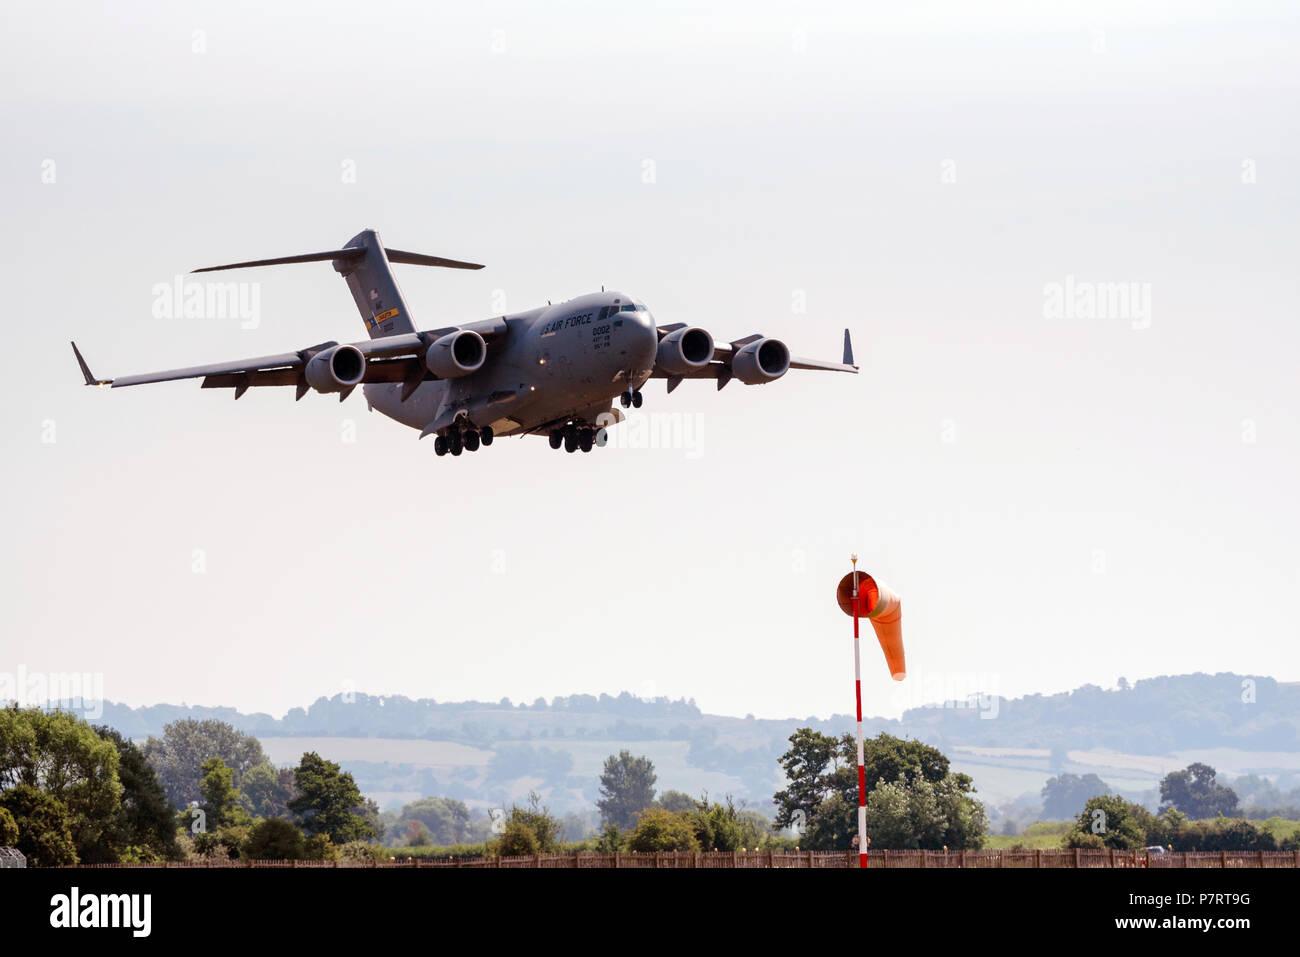 A USAF C 17 Globemaster on finals to landing at RNAS Yeovilton, Somerset, England, UK - Stock Image